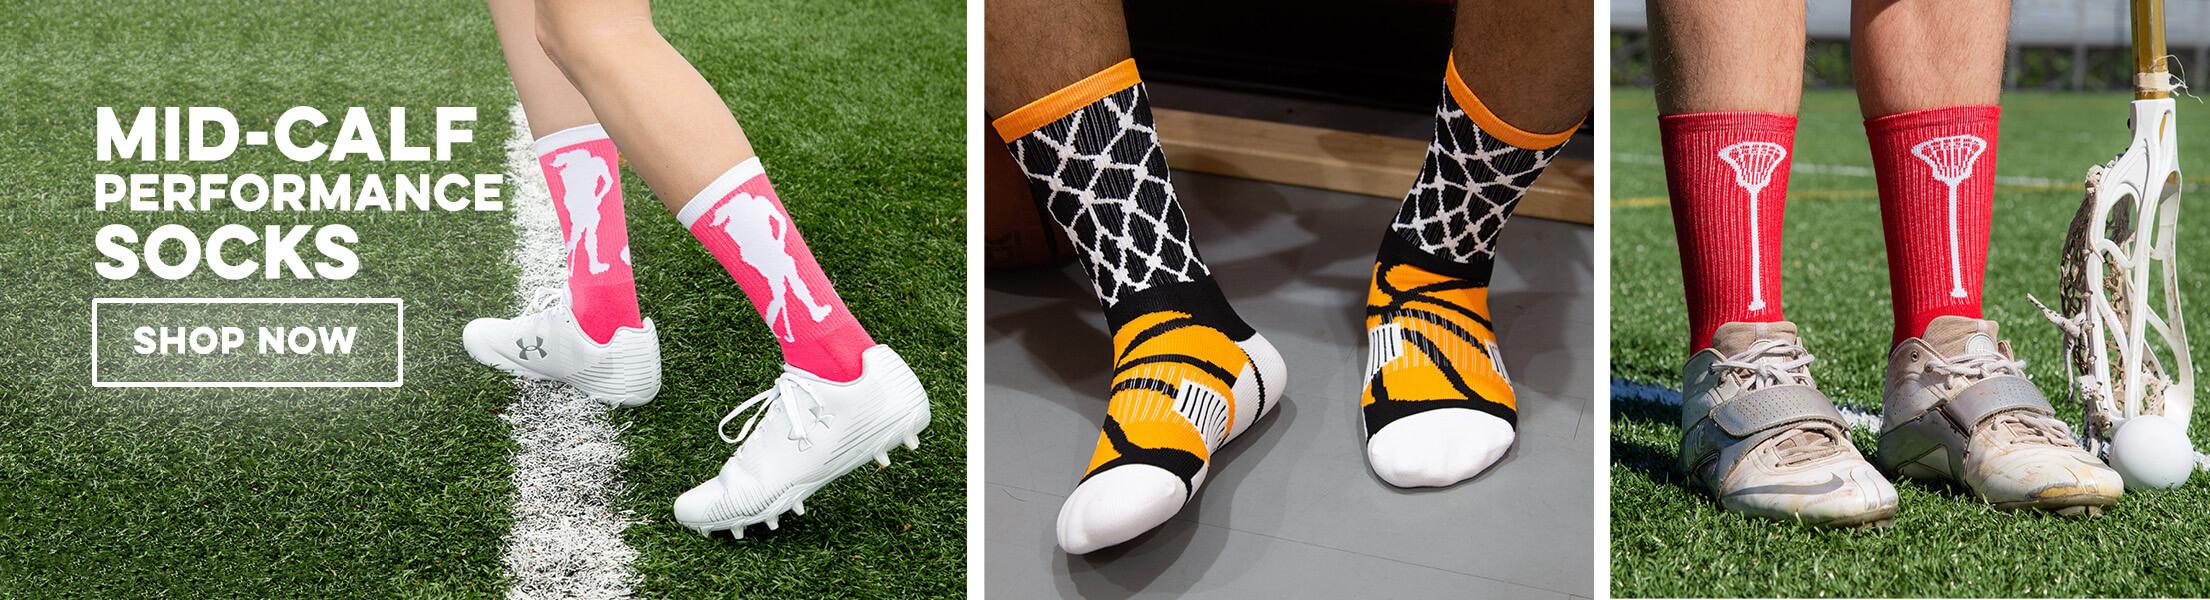 Mid-Calf Performance Socks